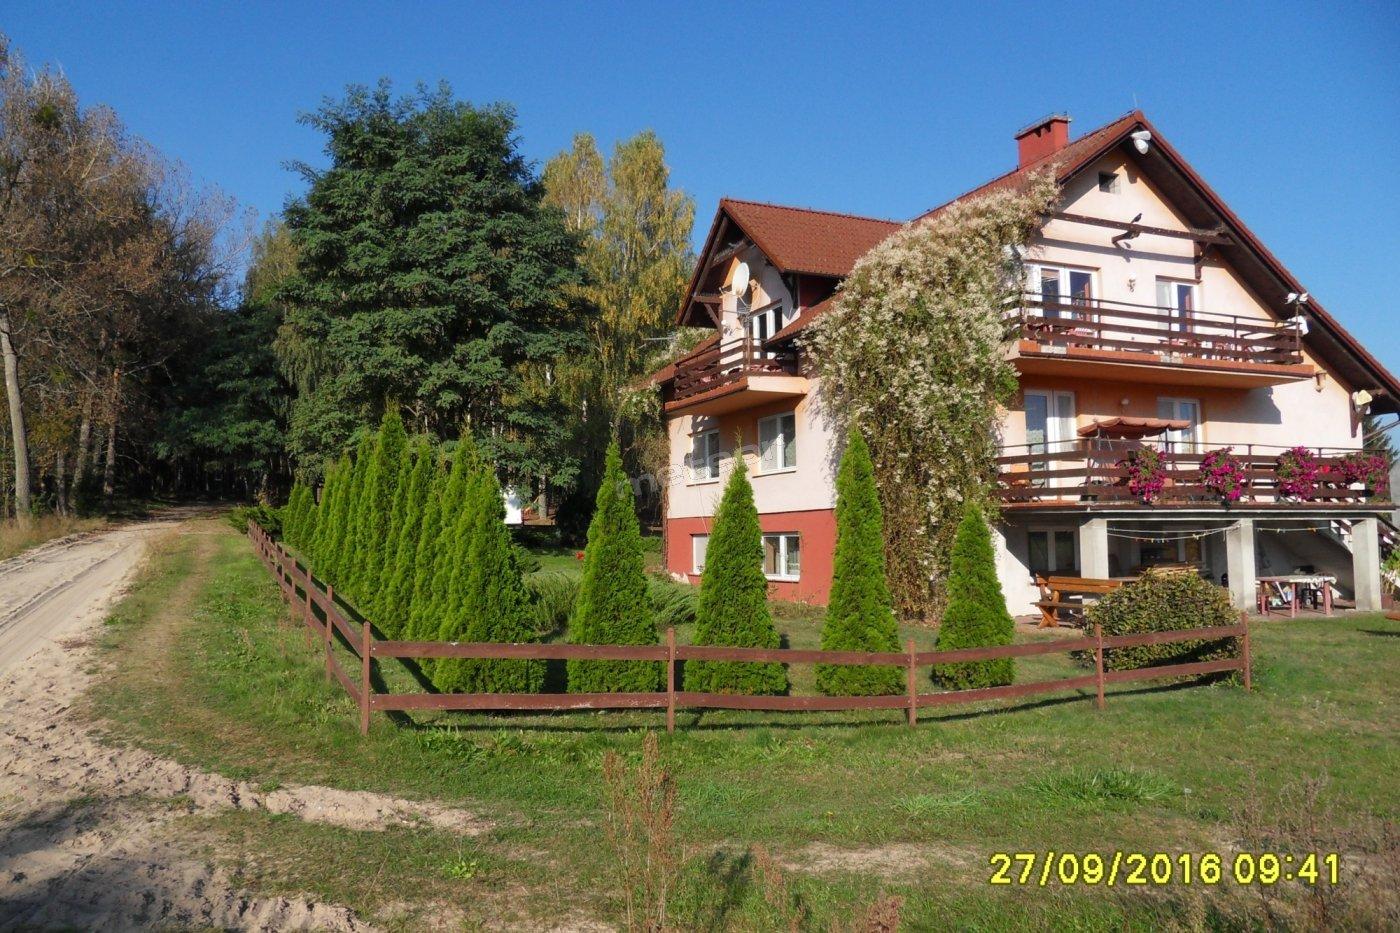 Dom od strony południowo-wschodniej